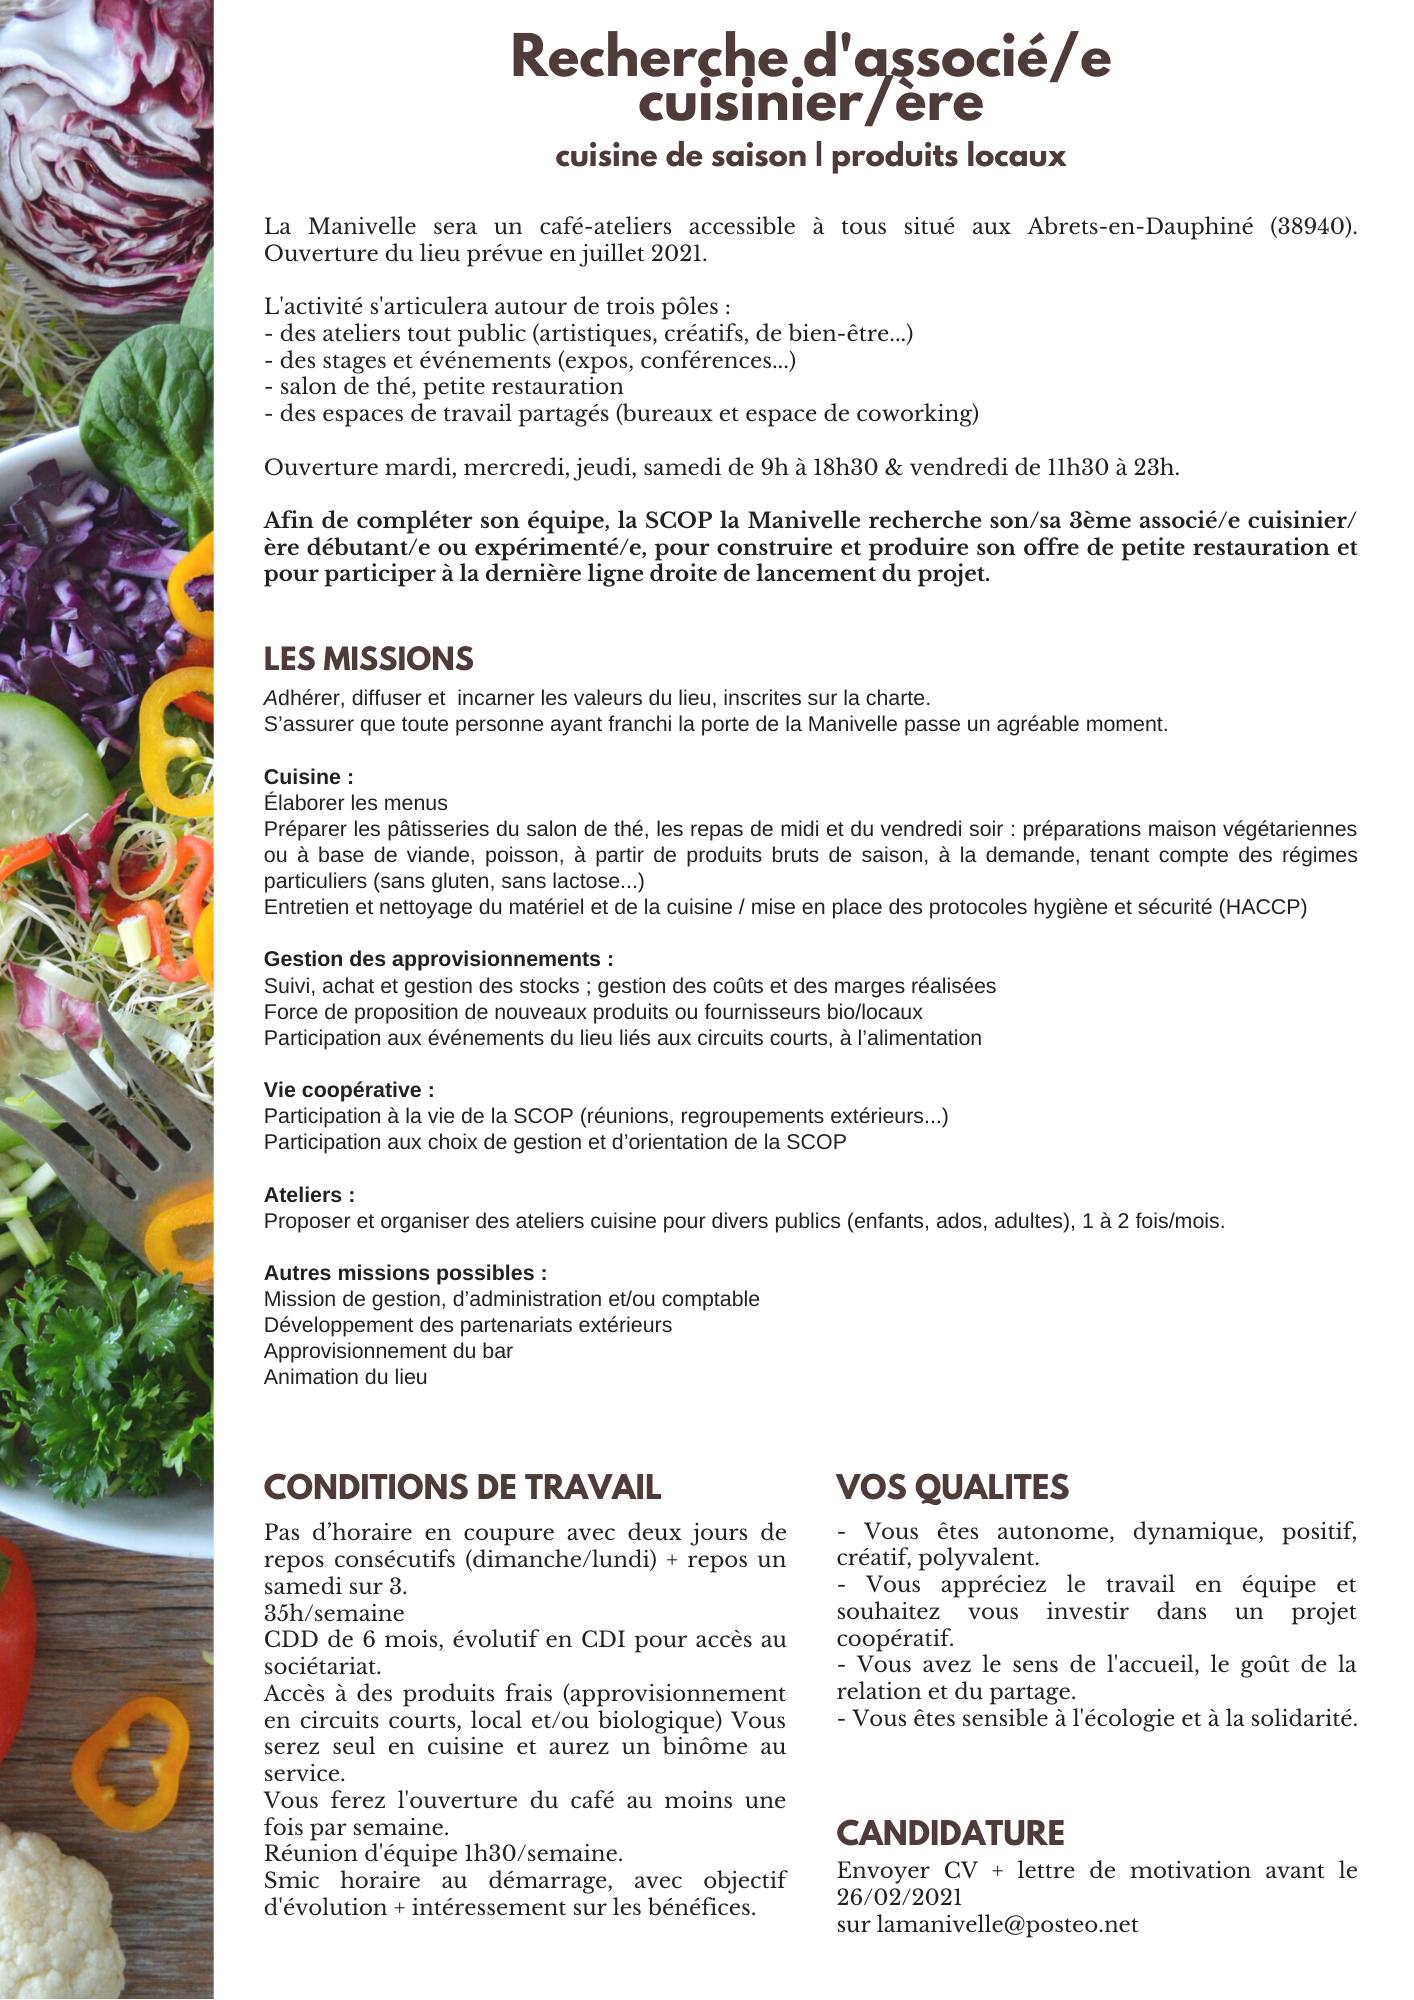 [RECHERCHE ASSOCIÉ·E] Le Projet De Café-ateliers La Manivelle (38) Cherche Un·e Associé·e Cuisinier·e